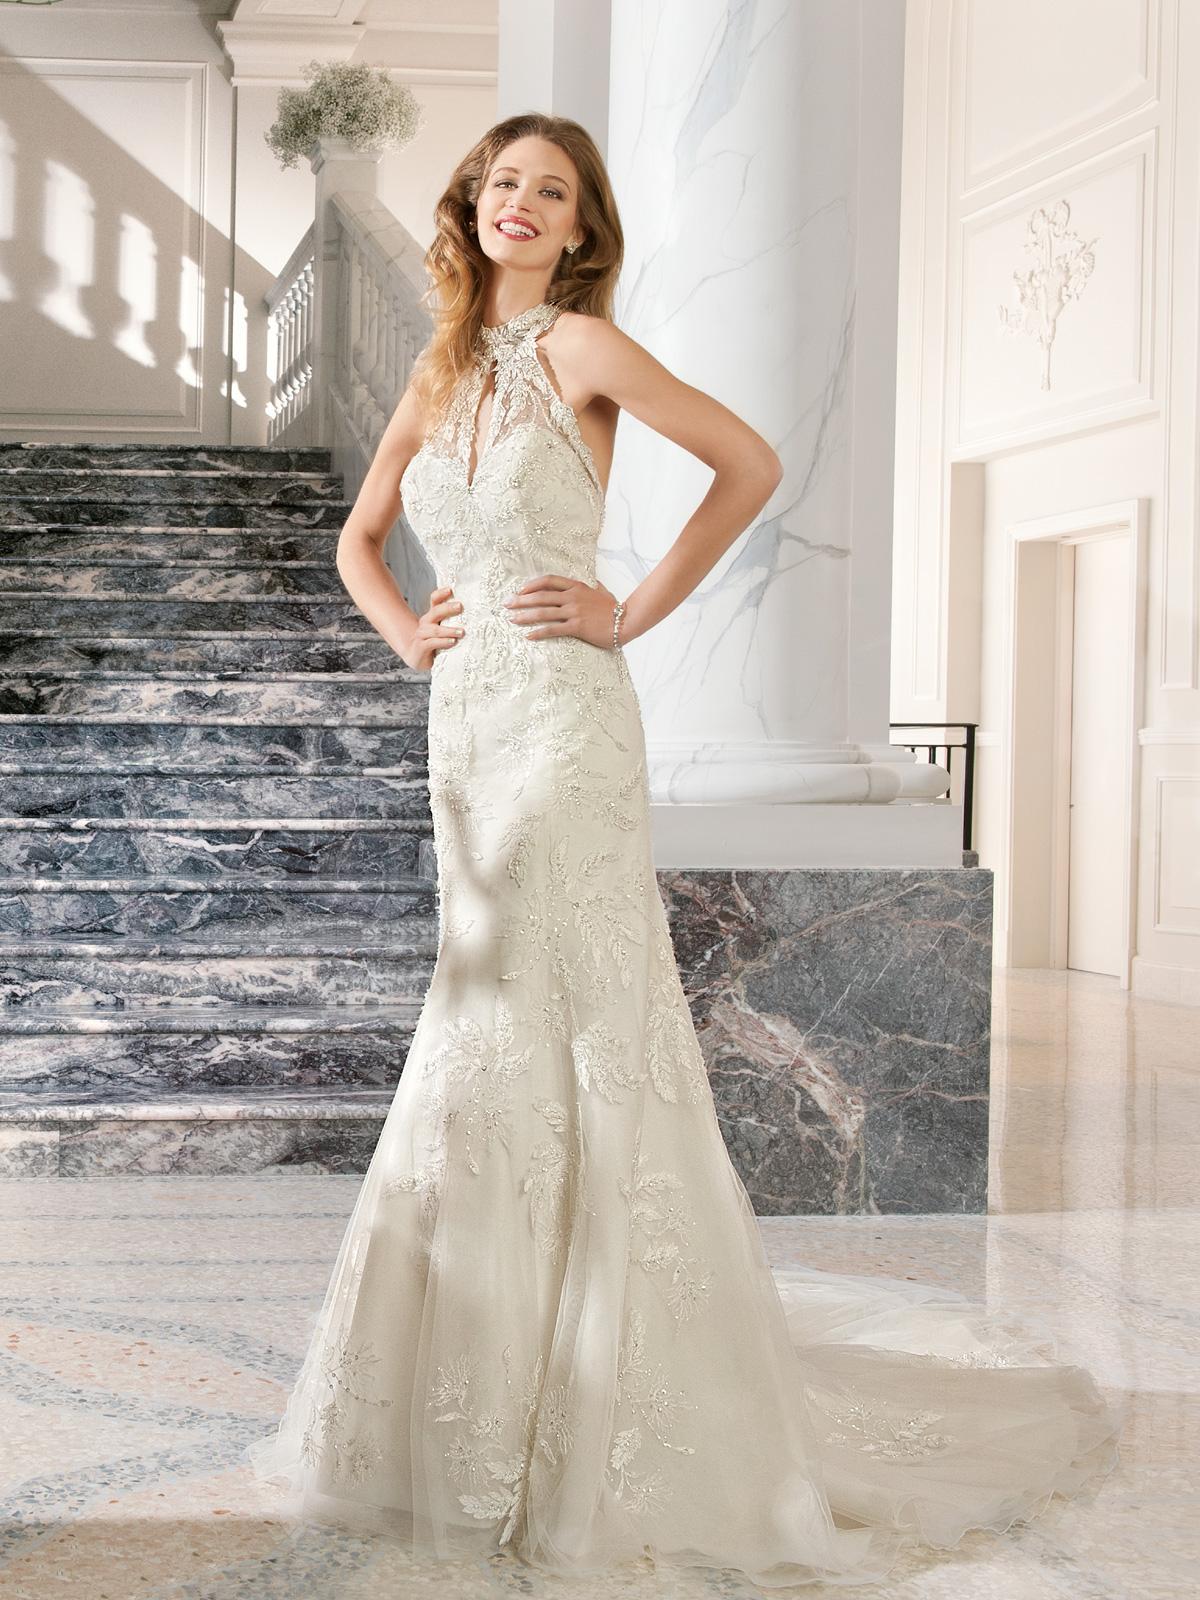 Vestido de Noiva com cava americana, sereia todo em renda bordada em pedrarias e cristais, decote profundo de costas e leve cauda.